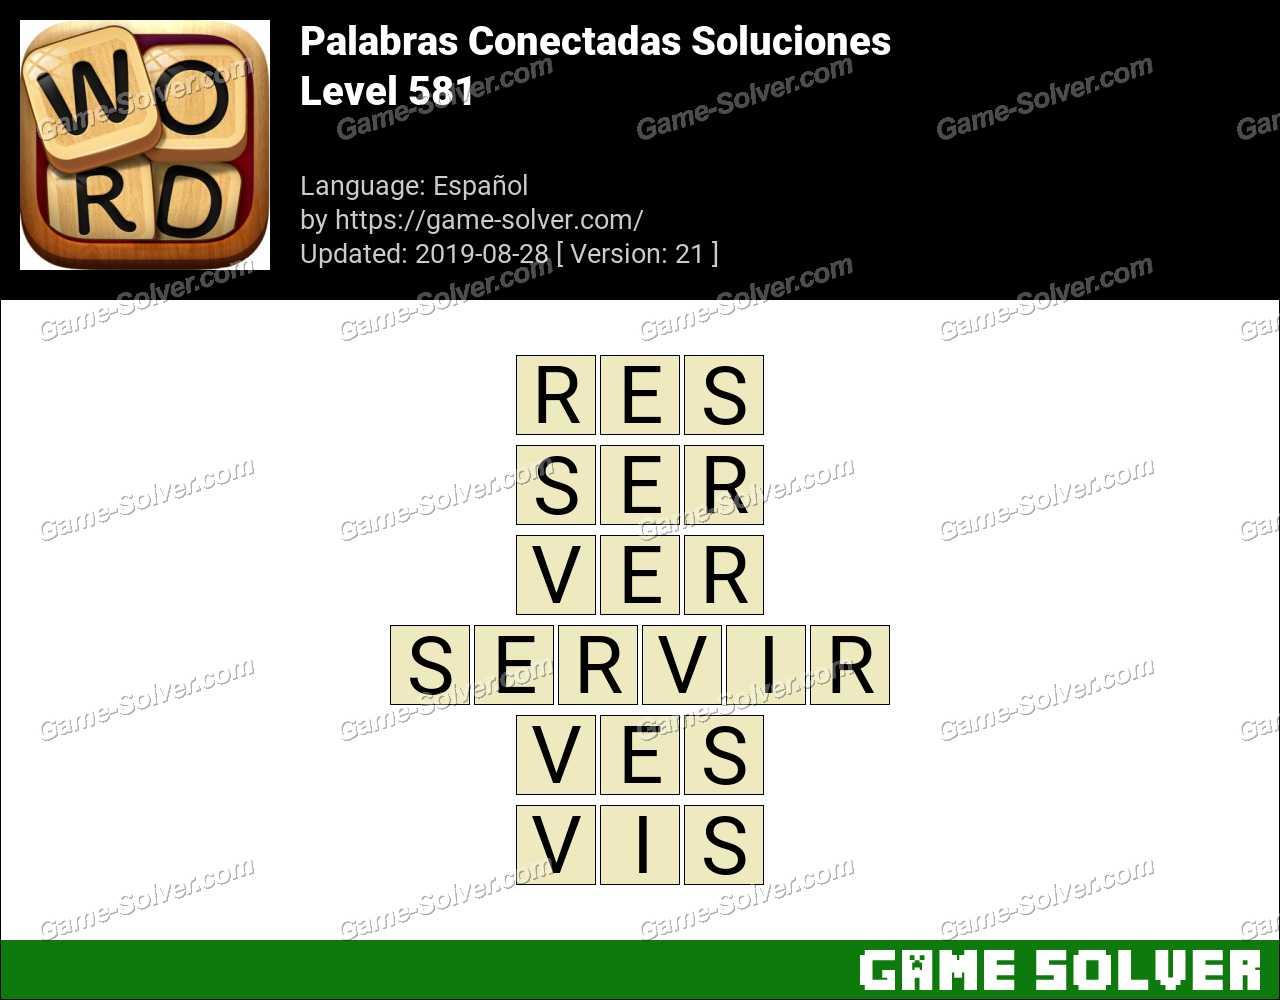 Palabras Conectadas Nivel 581 Soluciones